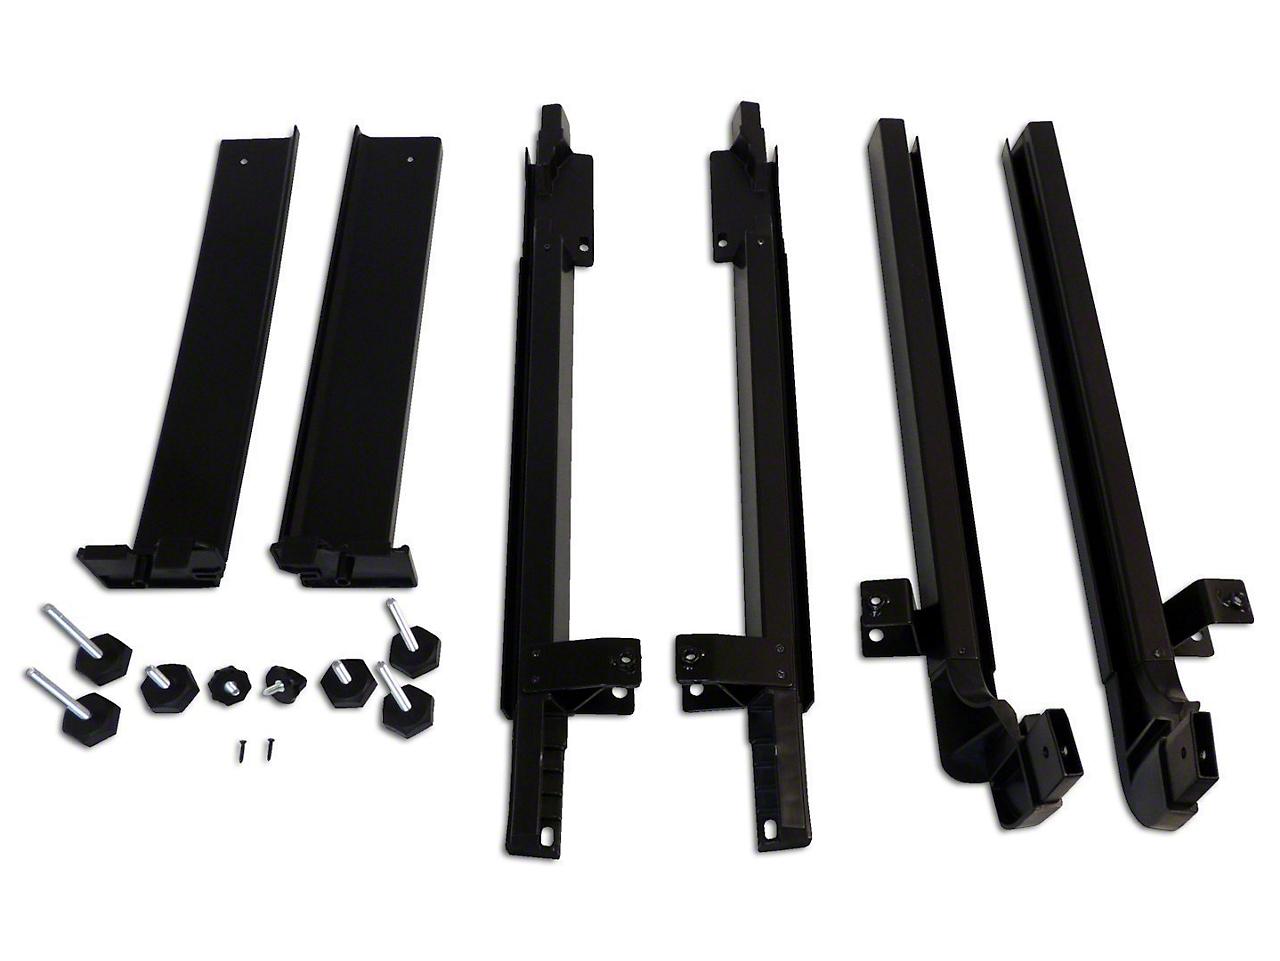 RT Off-Road Door Surround Kit (07-18 Wrangler JK 4 Door w/o Sunrider Top)